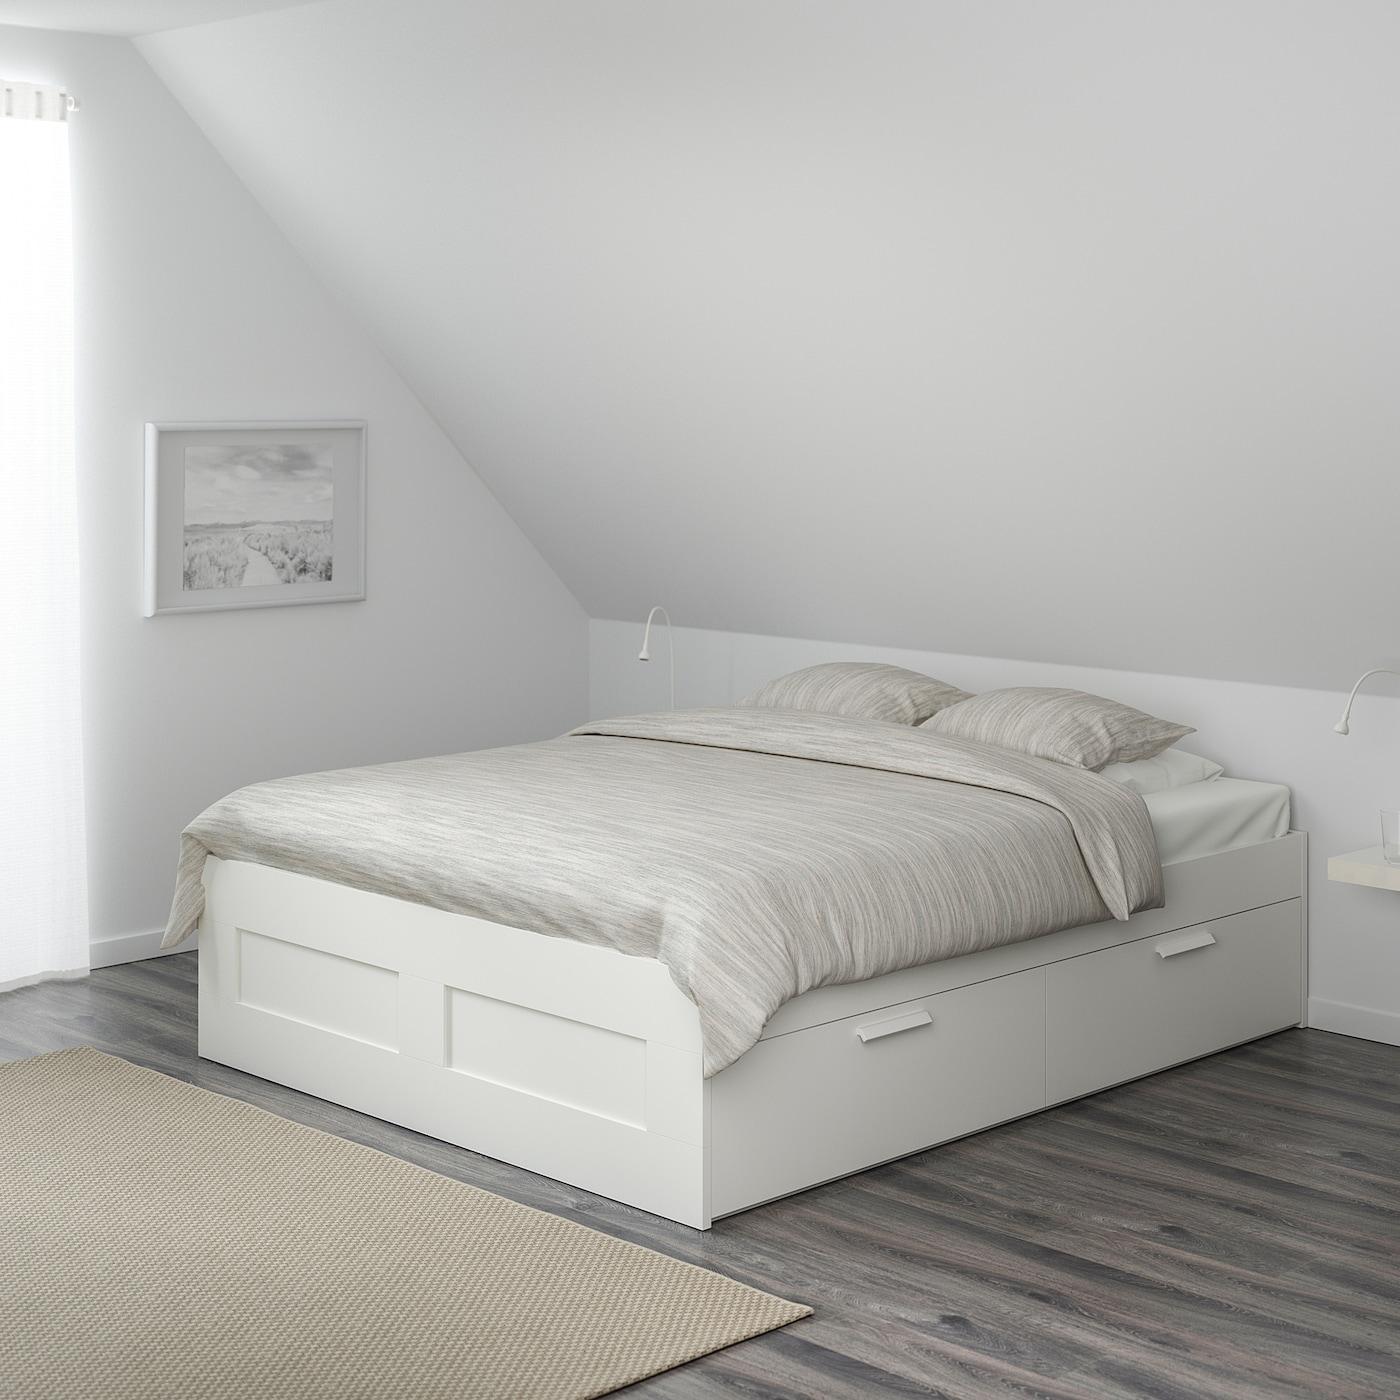 Full Size of Betten Bei Ikea Amerikanische Oschmann 120x200 Garten Beistelltisch Massivholz 200x200 Aus Holz Rauch 140x200 Outlet Günstige Japanische Runde Mädchen Bett Betten Bei Ikea